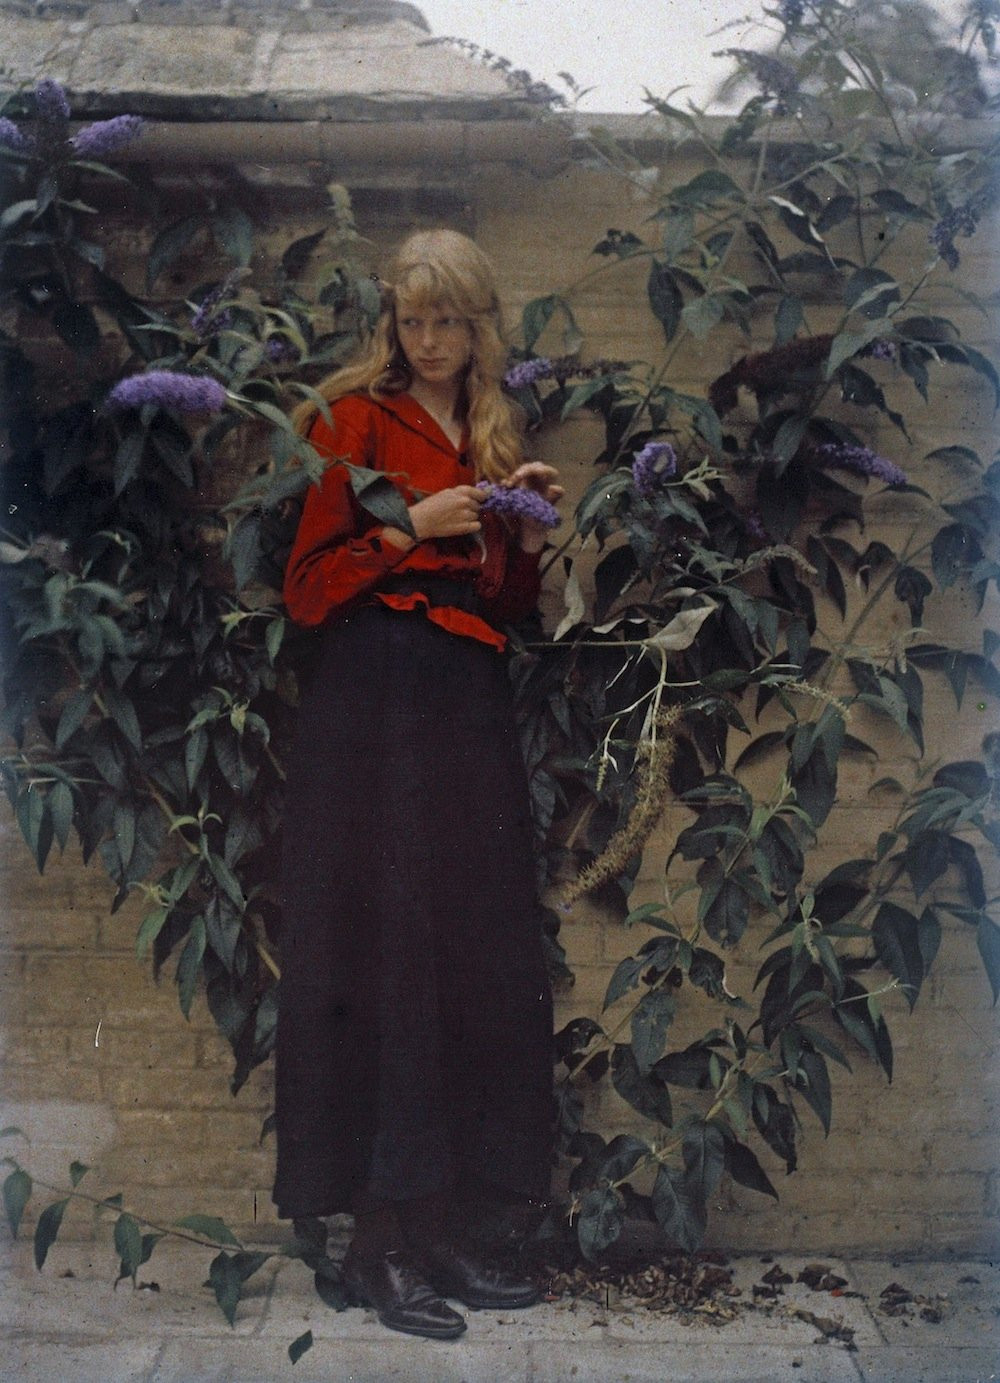 Mervyn O'Gorman AutoChrome Portraits 449